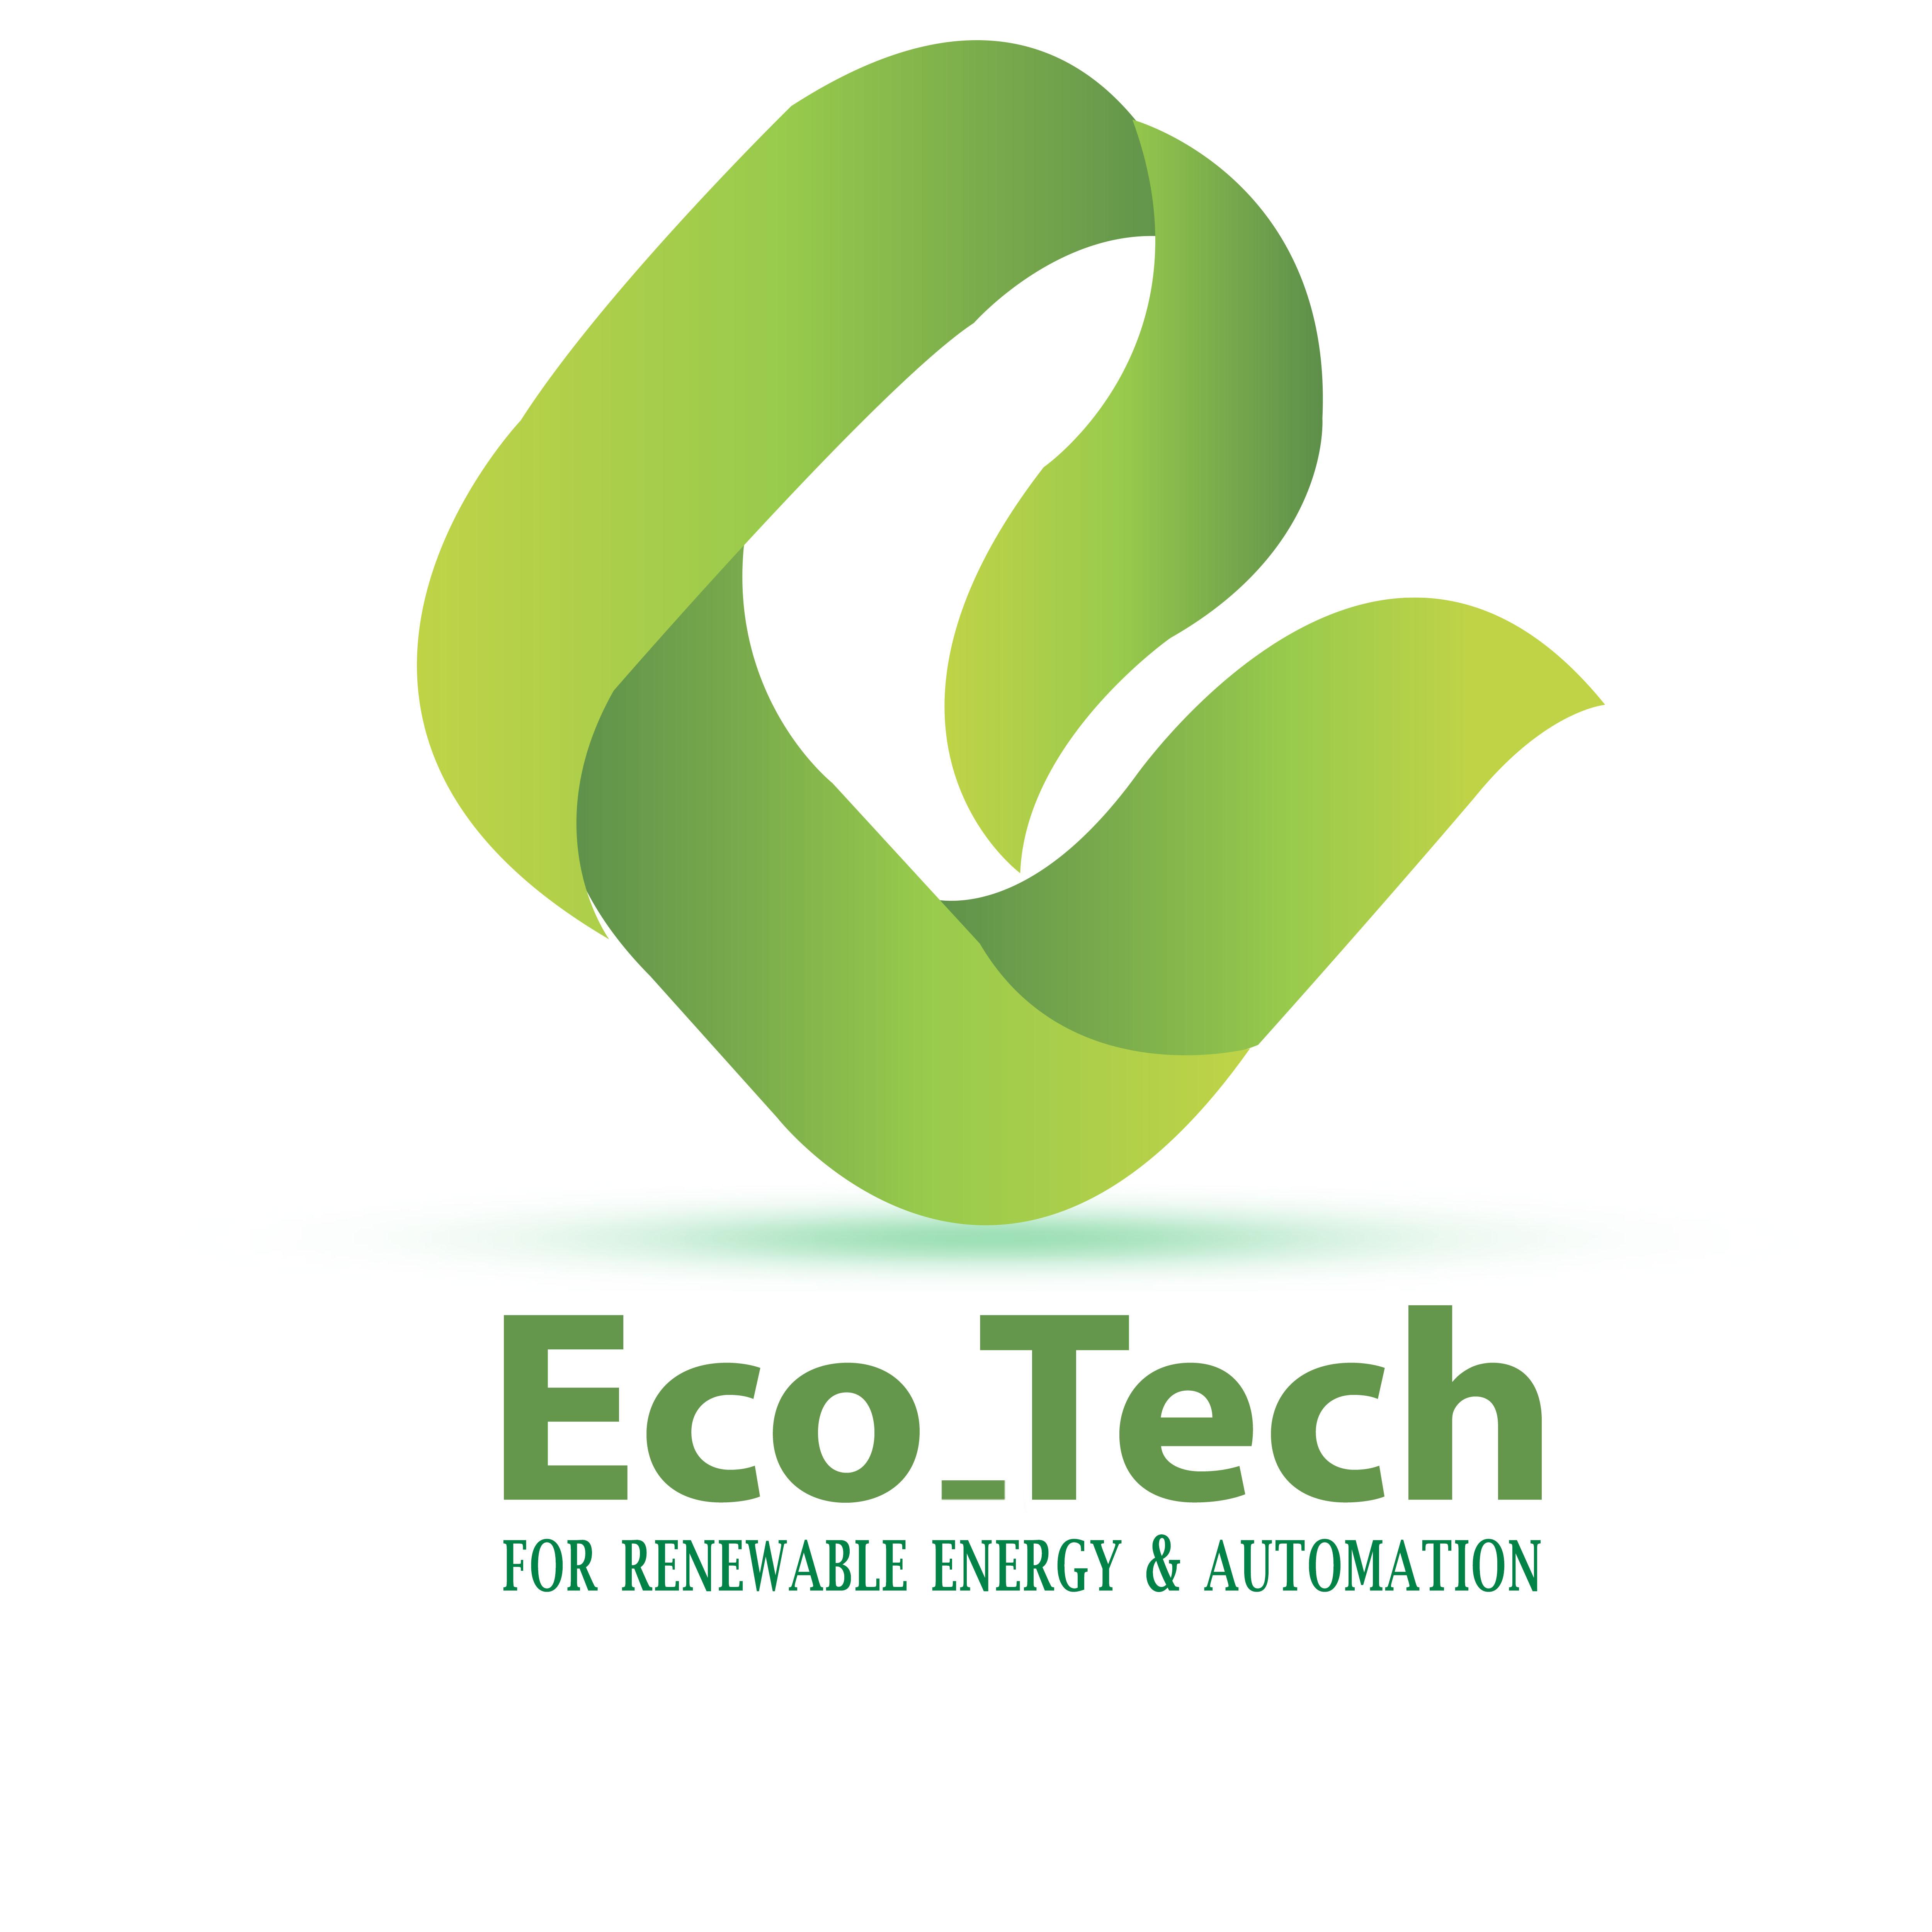 Eco-Tech